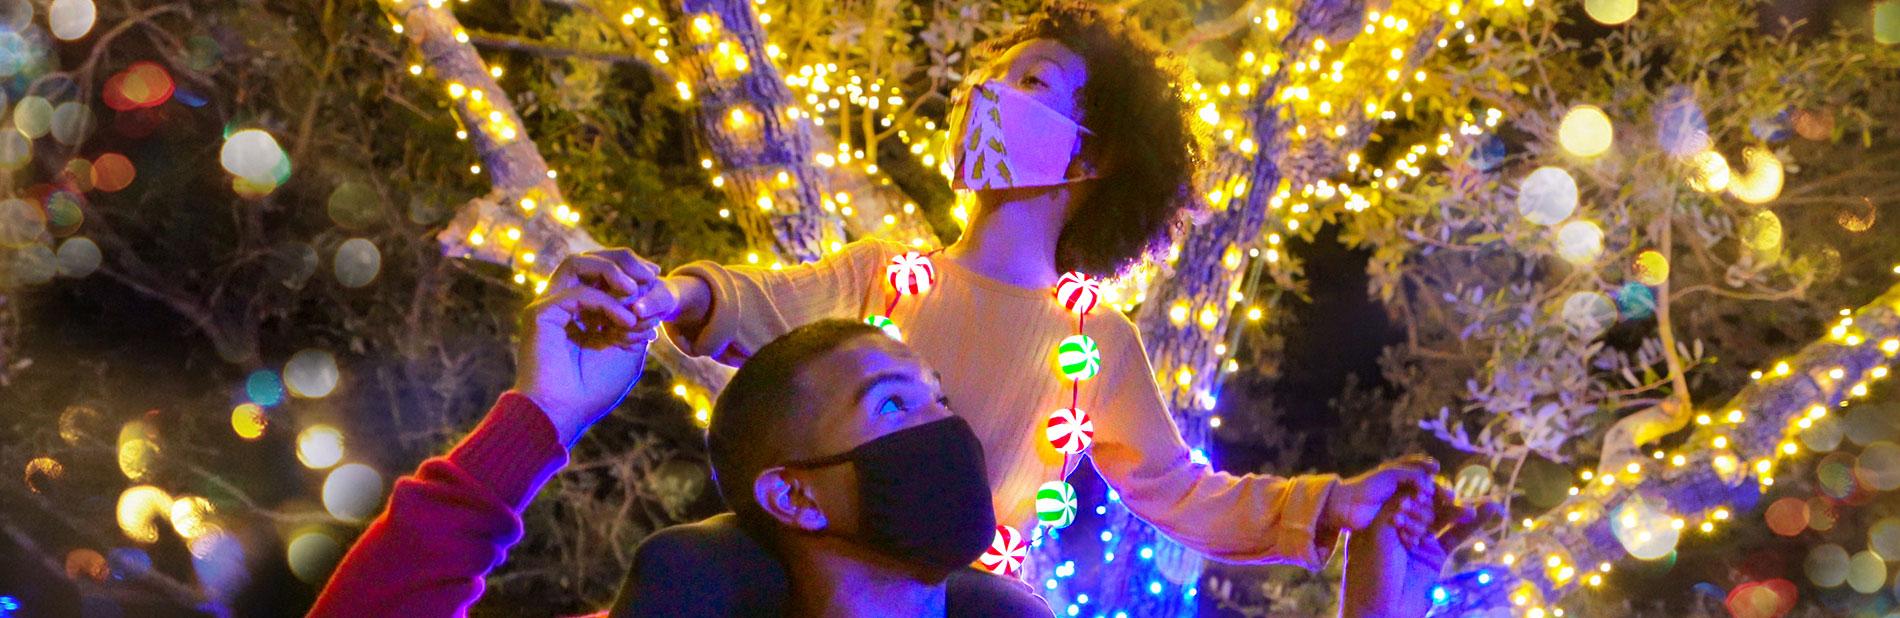 Christmas at SeaWorld San Diego